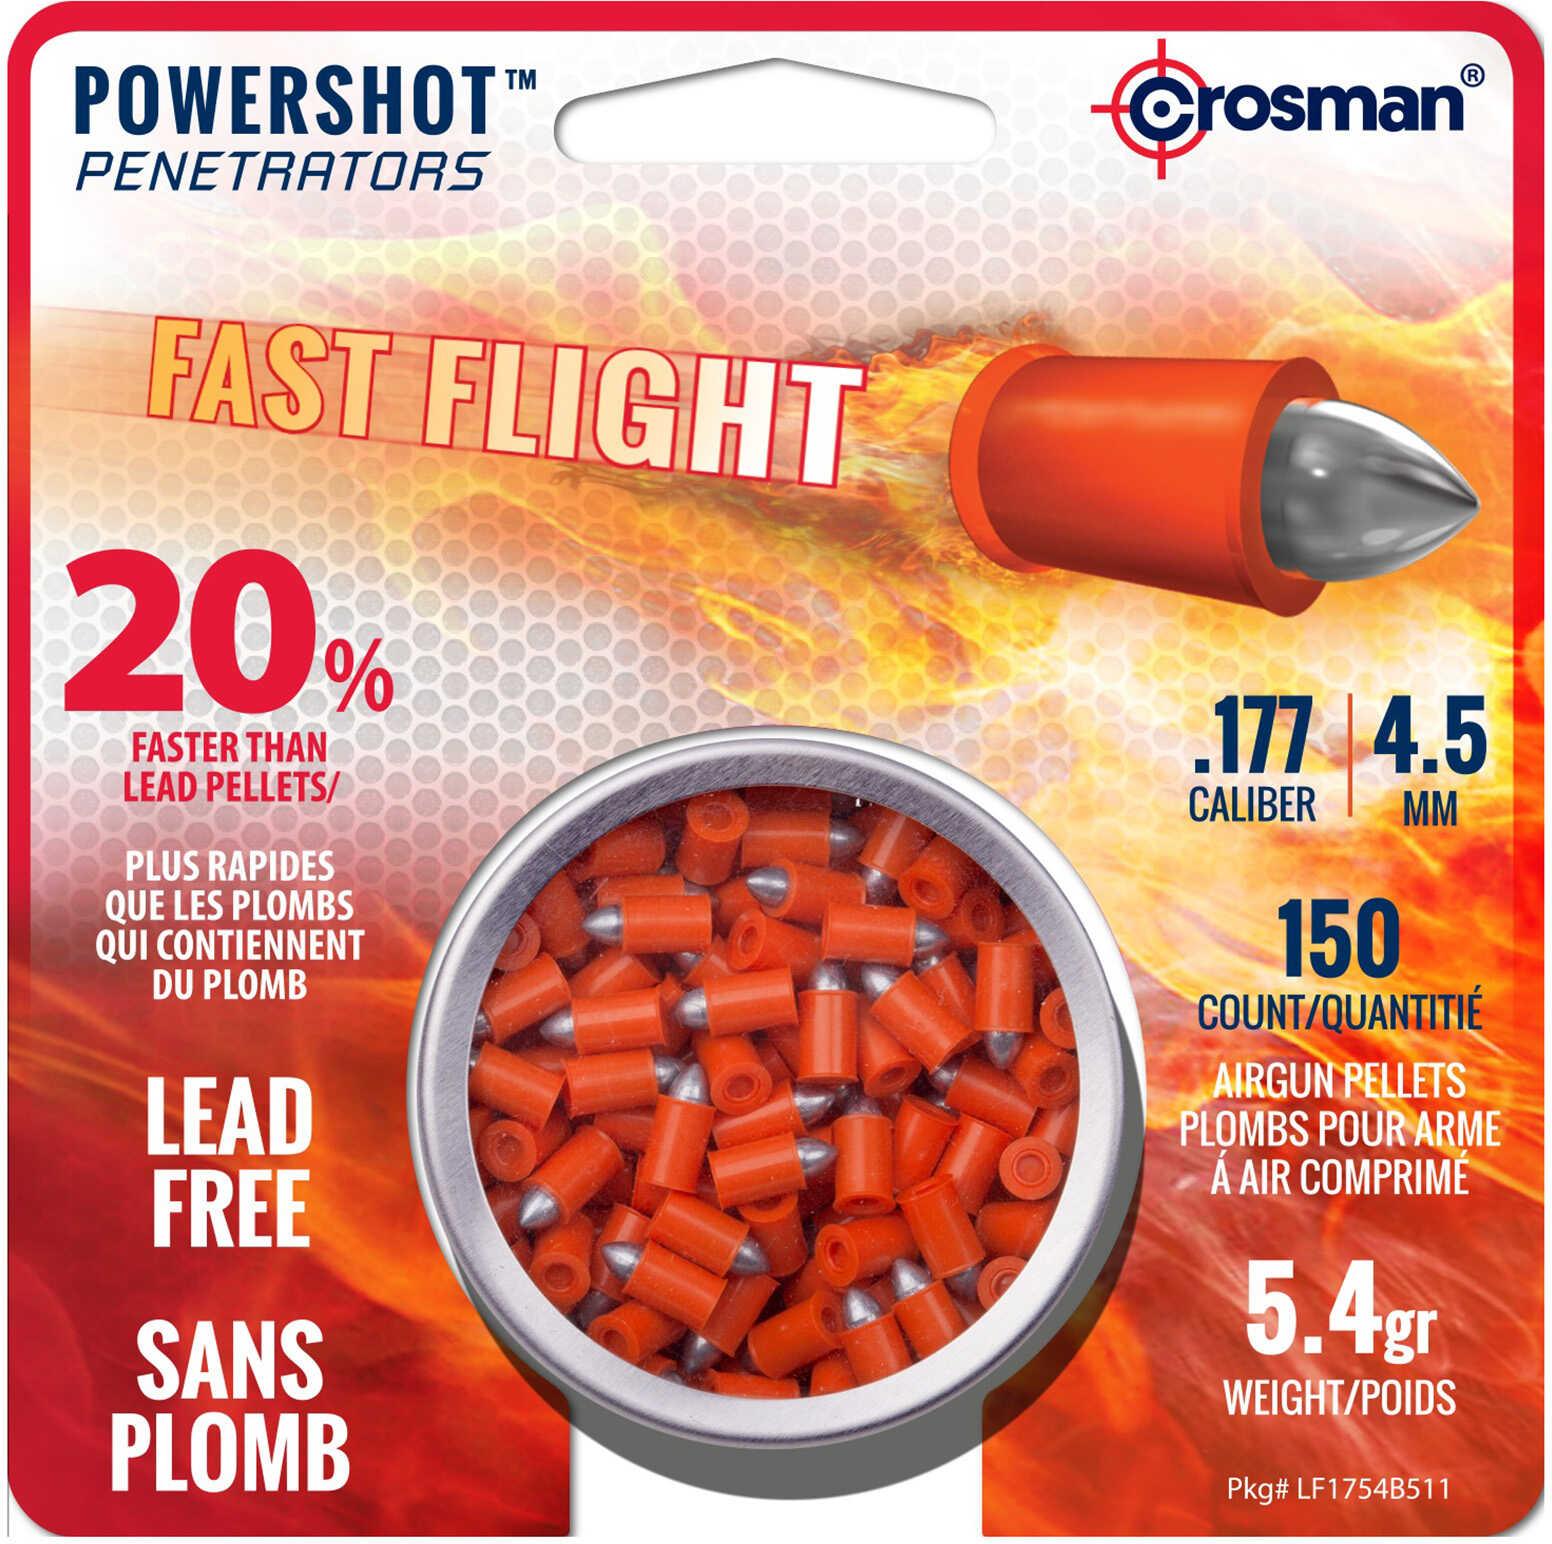 Crosman Powershot Fast Flight Penetrators .177 cal. 150 pk. Model: LF1754